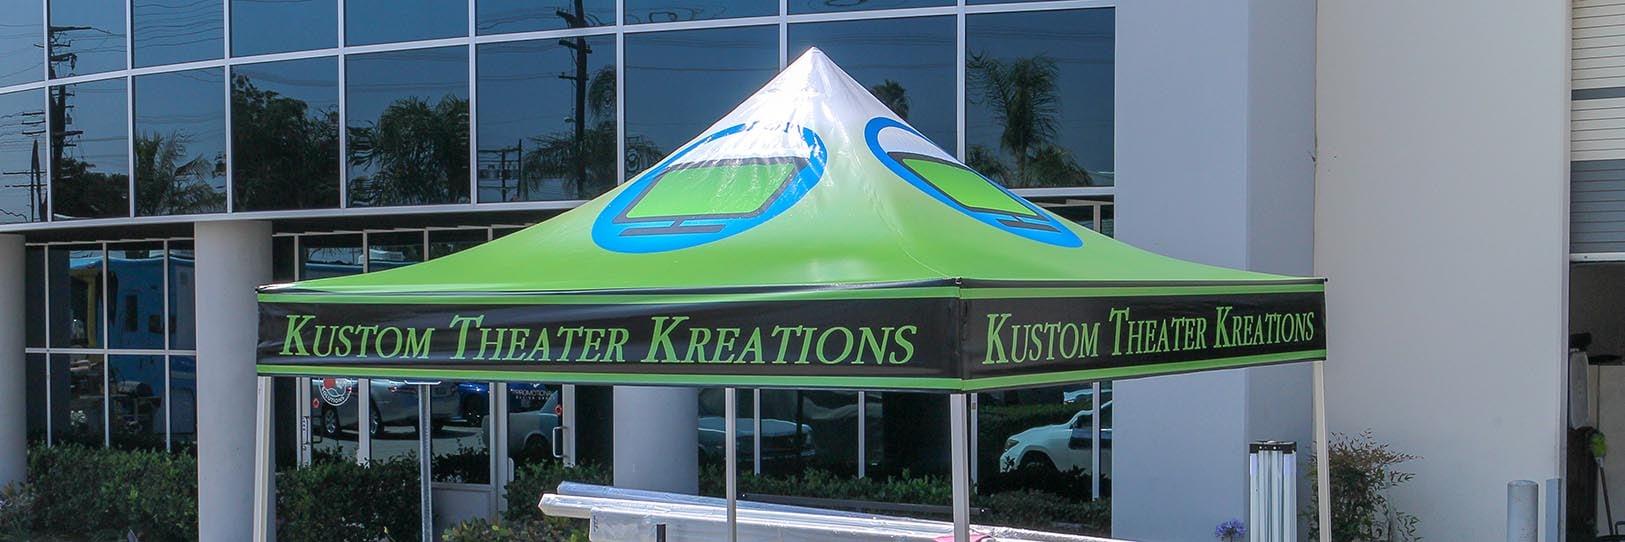 kustom-theater-kreations-header.jpg